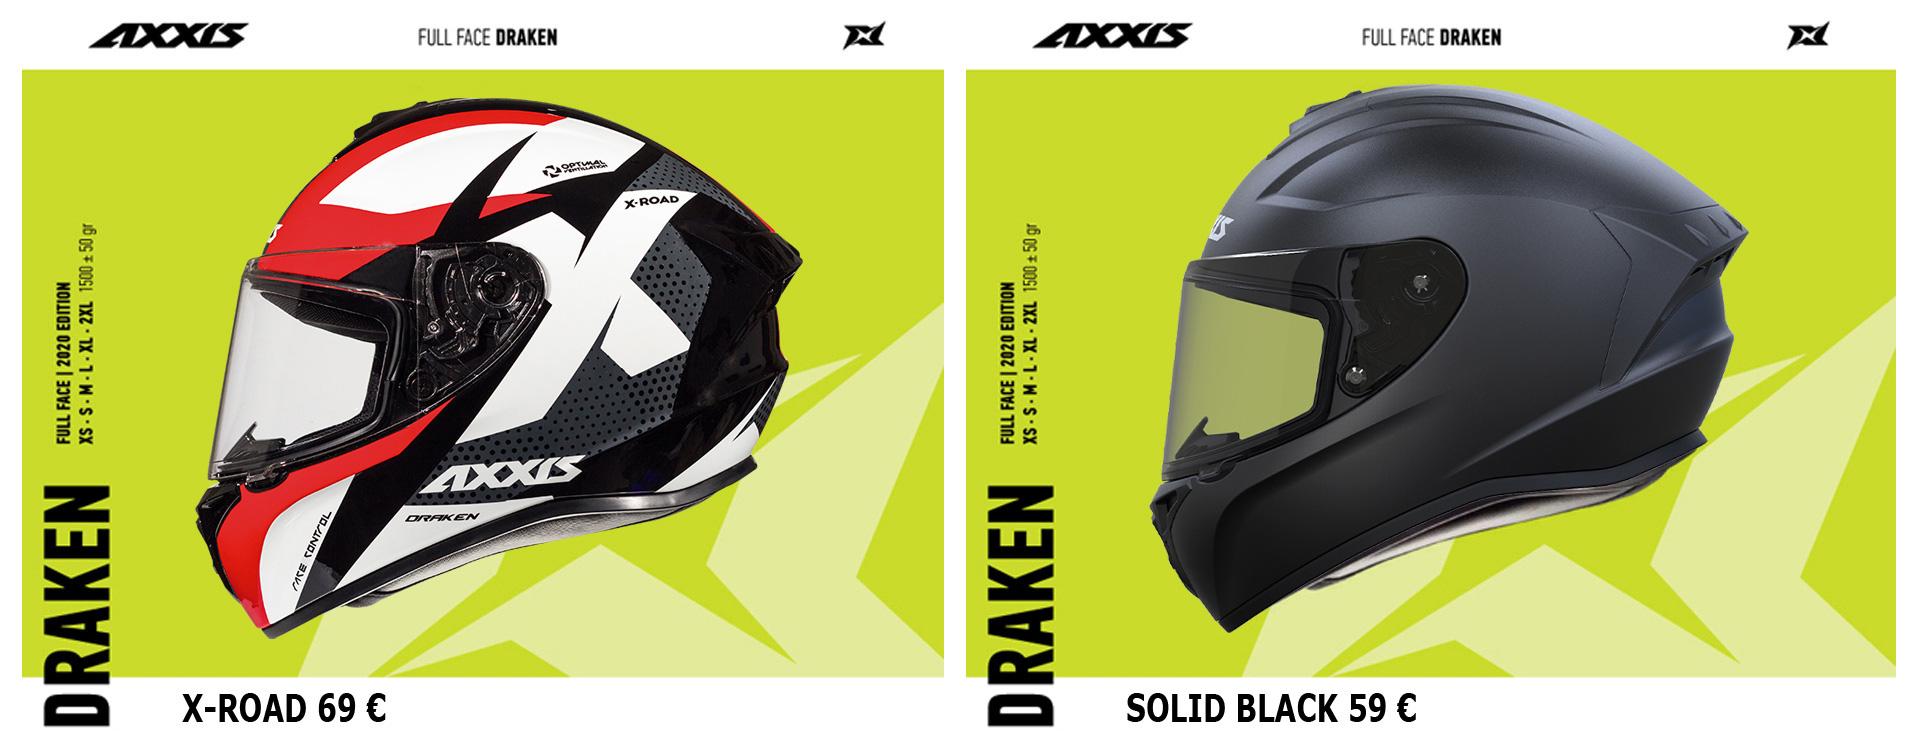 AXXIS HELMETS DRAKEN X-ROAD & SOLID BLACK